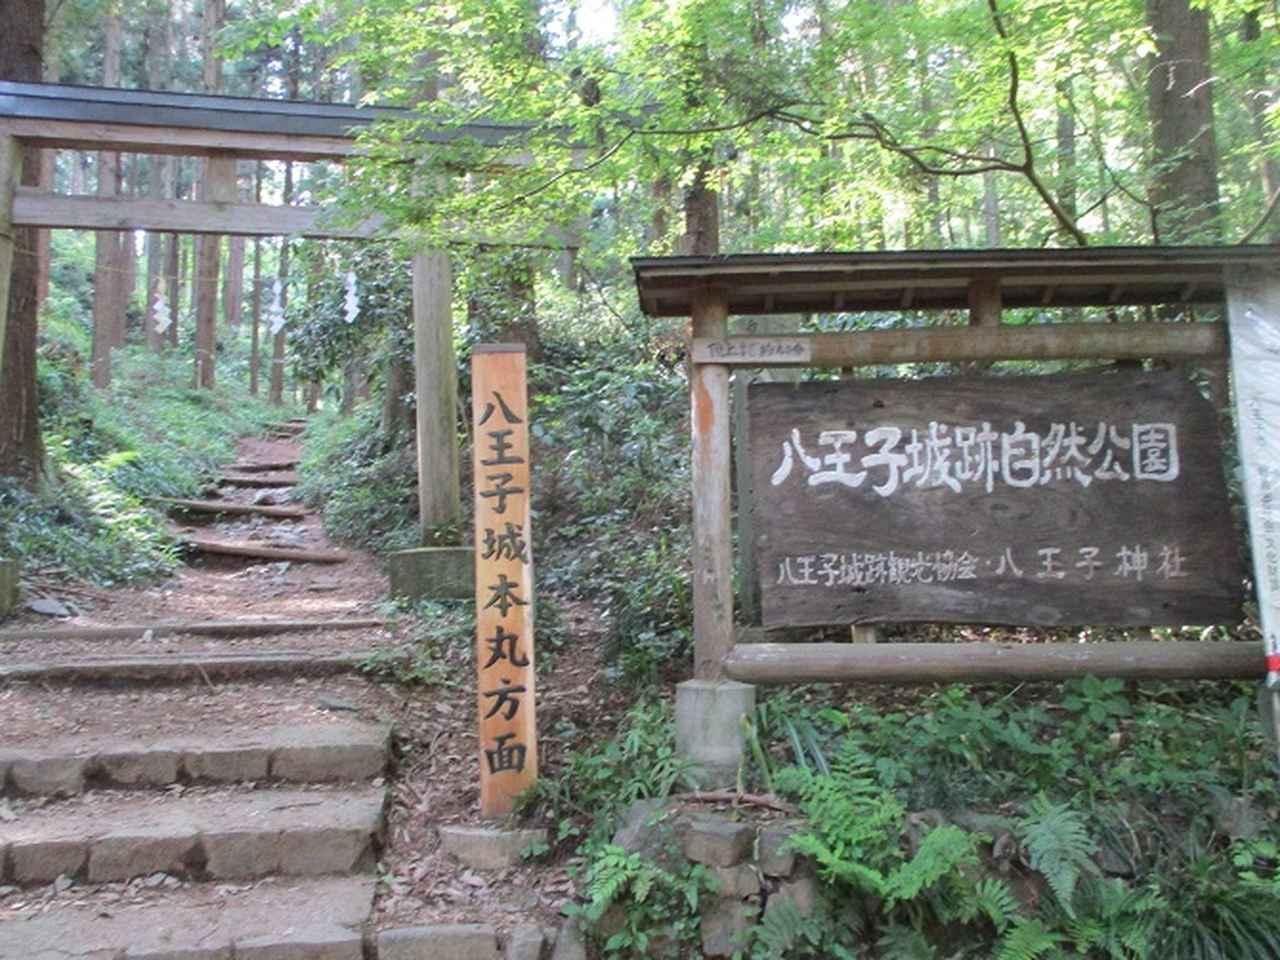 画像12: 5月5日に山旅会 「狐塚峠から八王子城址」 ツアーに行ってきました!